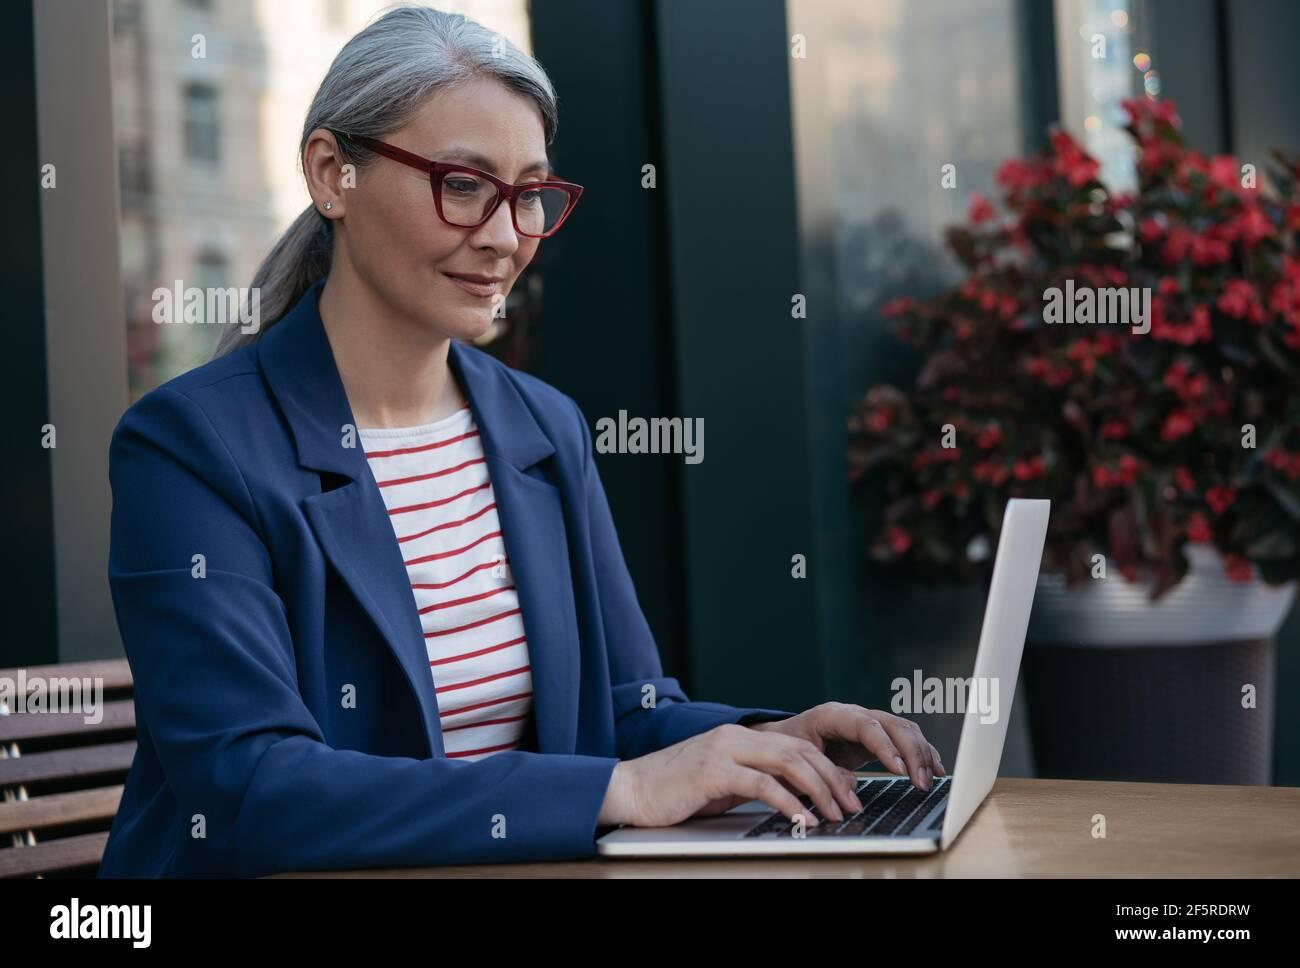 Donna d'affari matura che usa un computer portatile, che lavora online. Ritratto di copywriter asiatico di mezza età che indossa occhiali eleganti digitando sulla tastiera Foto Stock